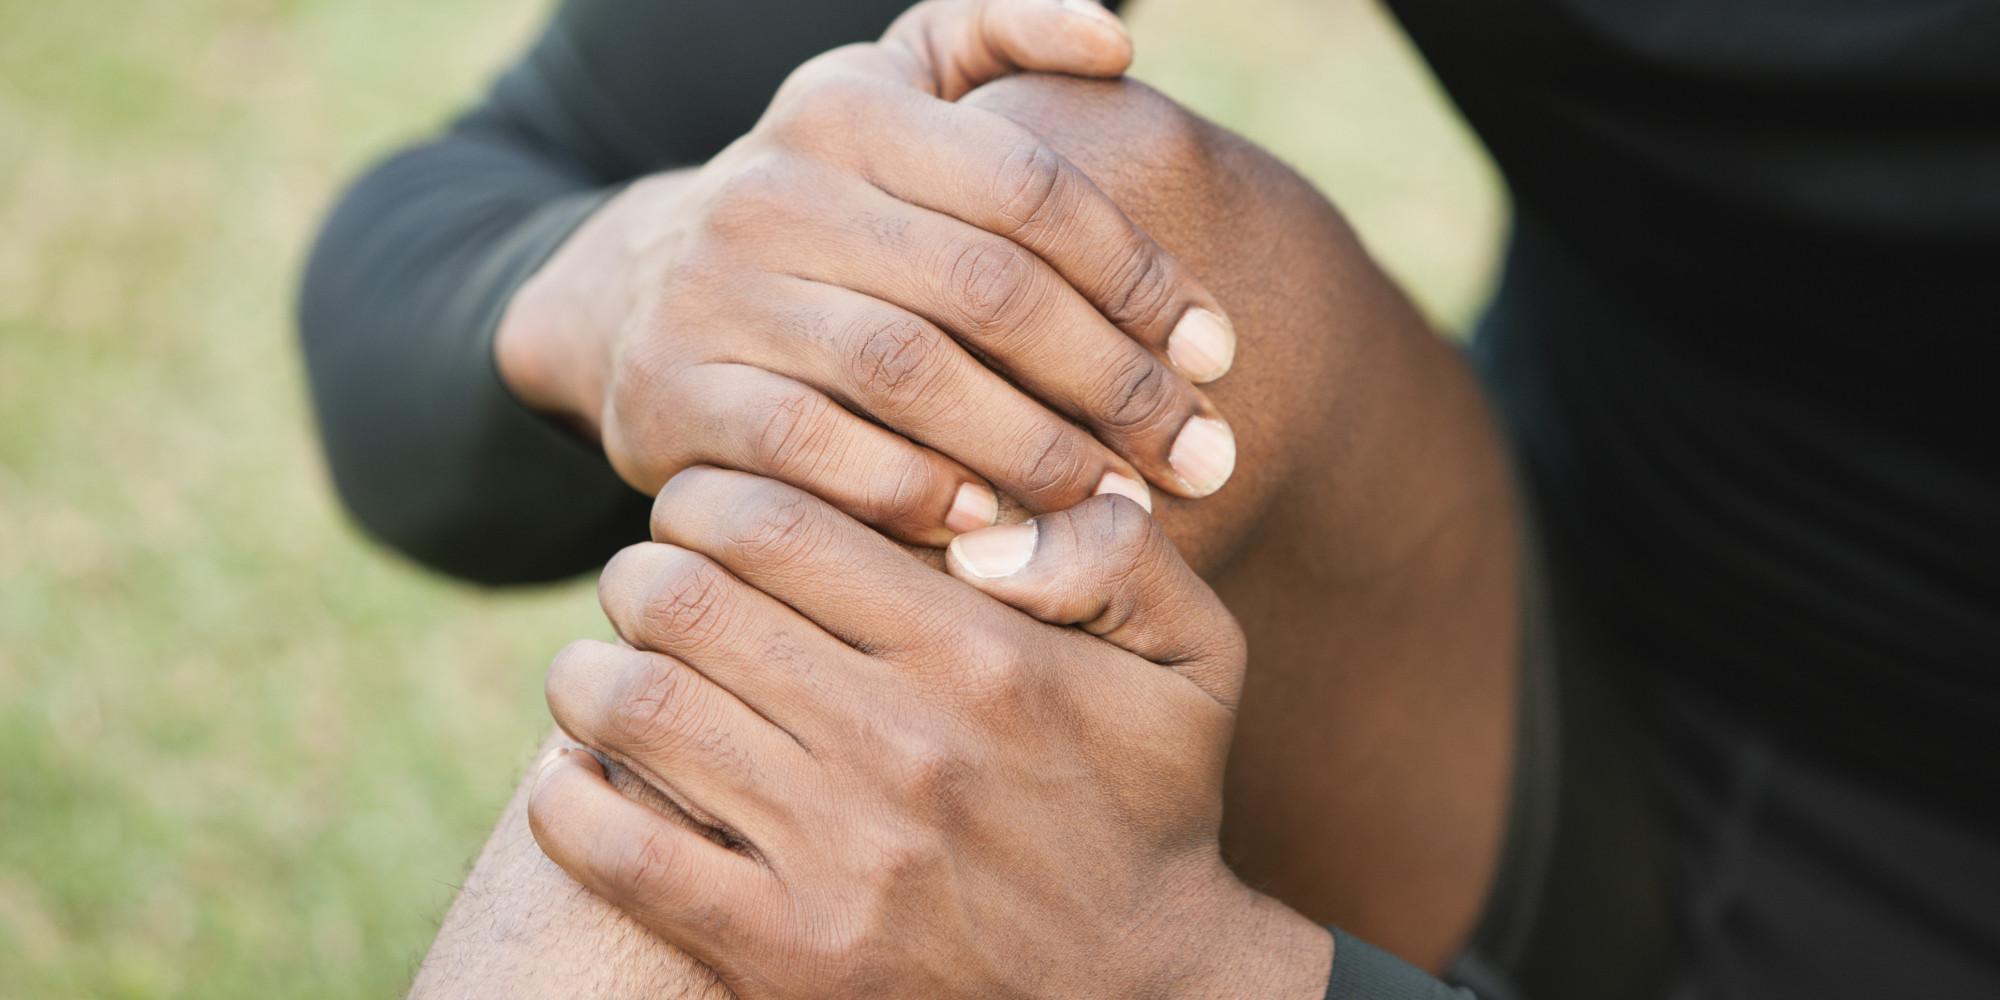 Почему хрустят суставы у подростка новыйчудо бальзам для суставов